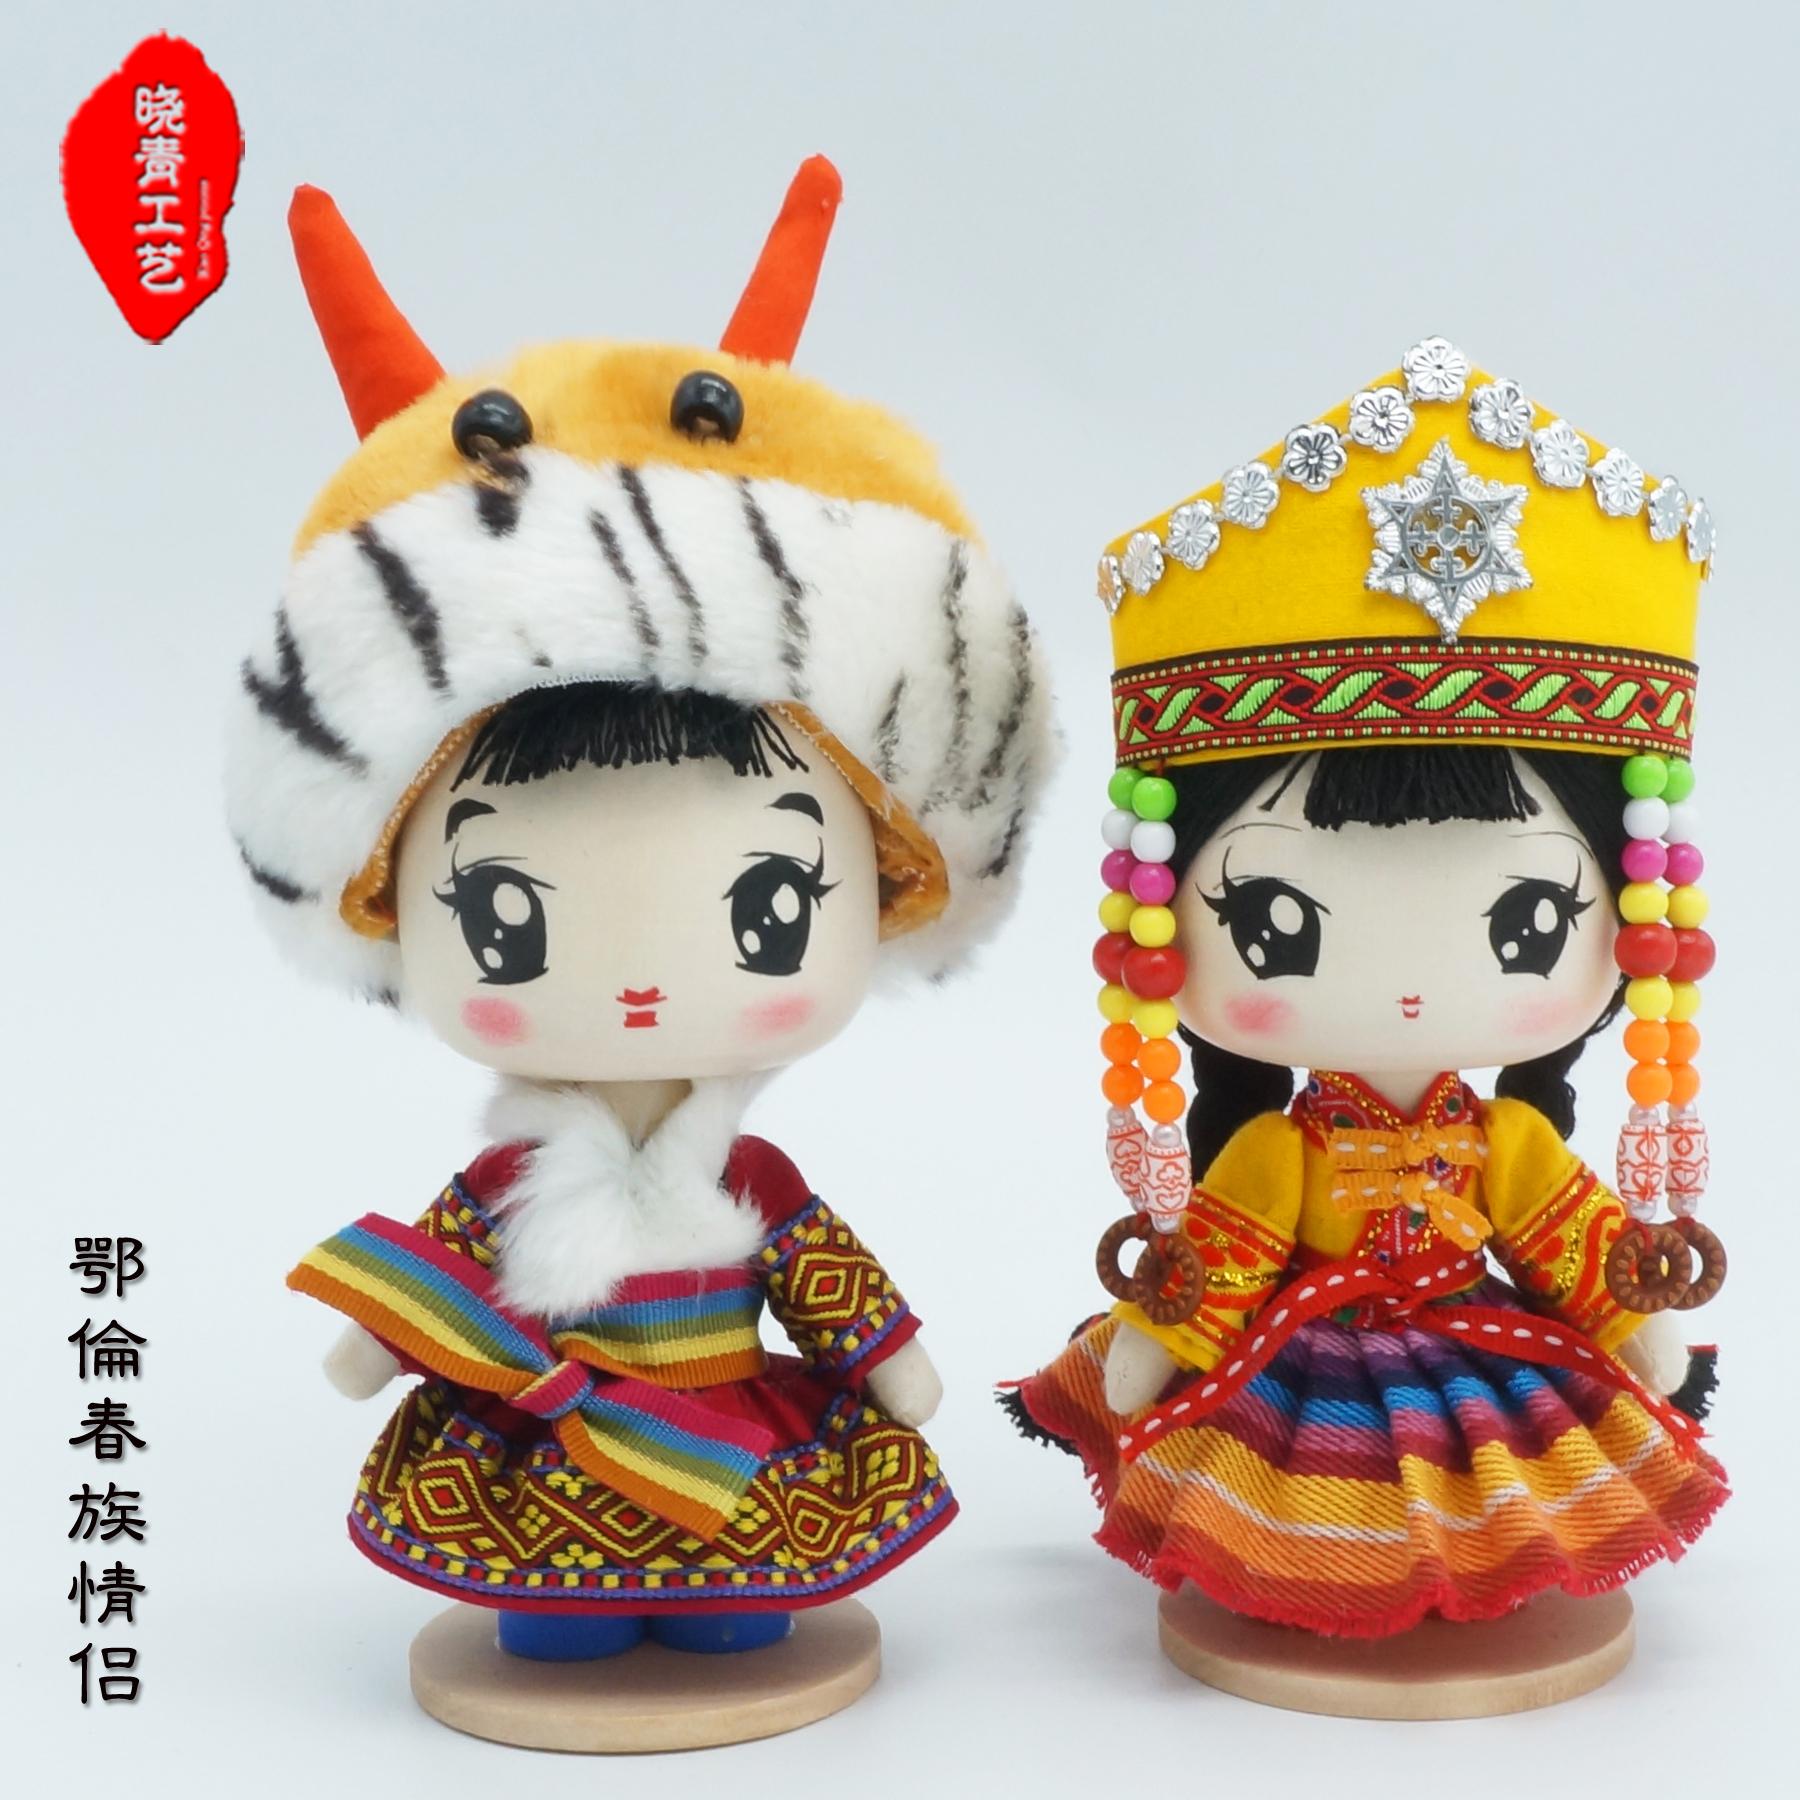 晓青工艺 17cmQ版鄂伦春族娃娃 手工民族娃娃木偶 教具特色礼品